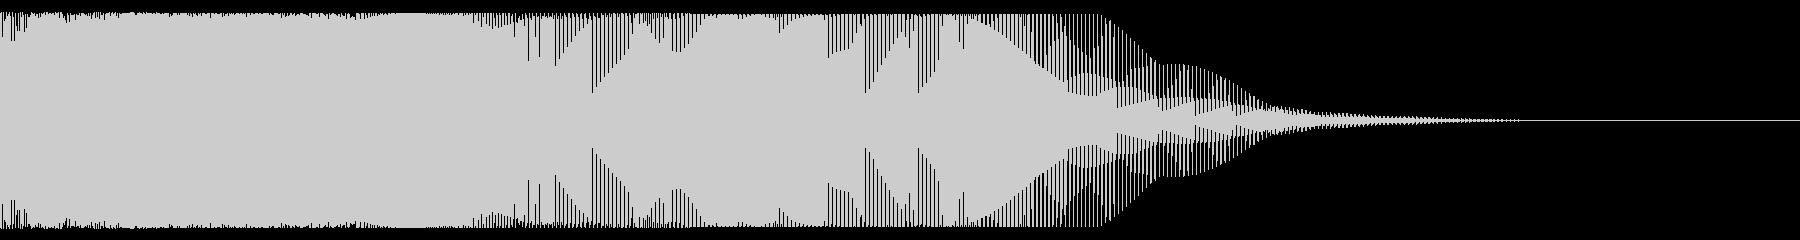 ヒューン(ワープする時の音)の未再生の波形